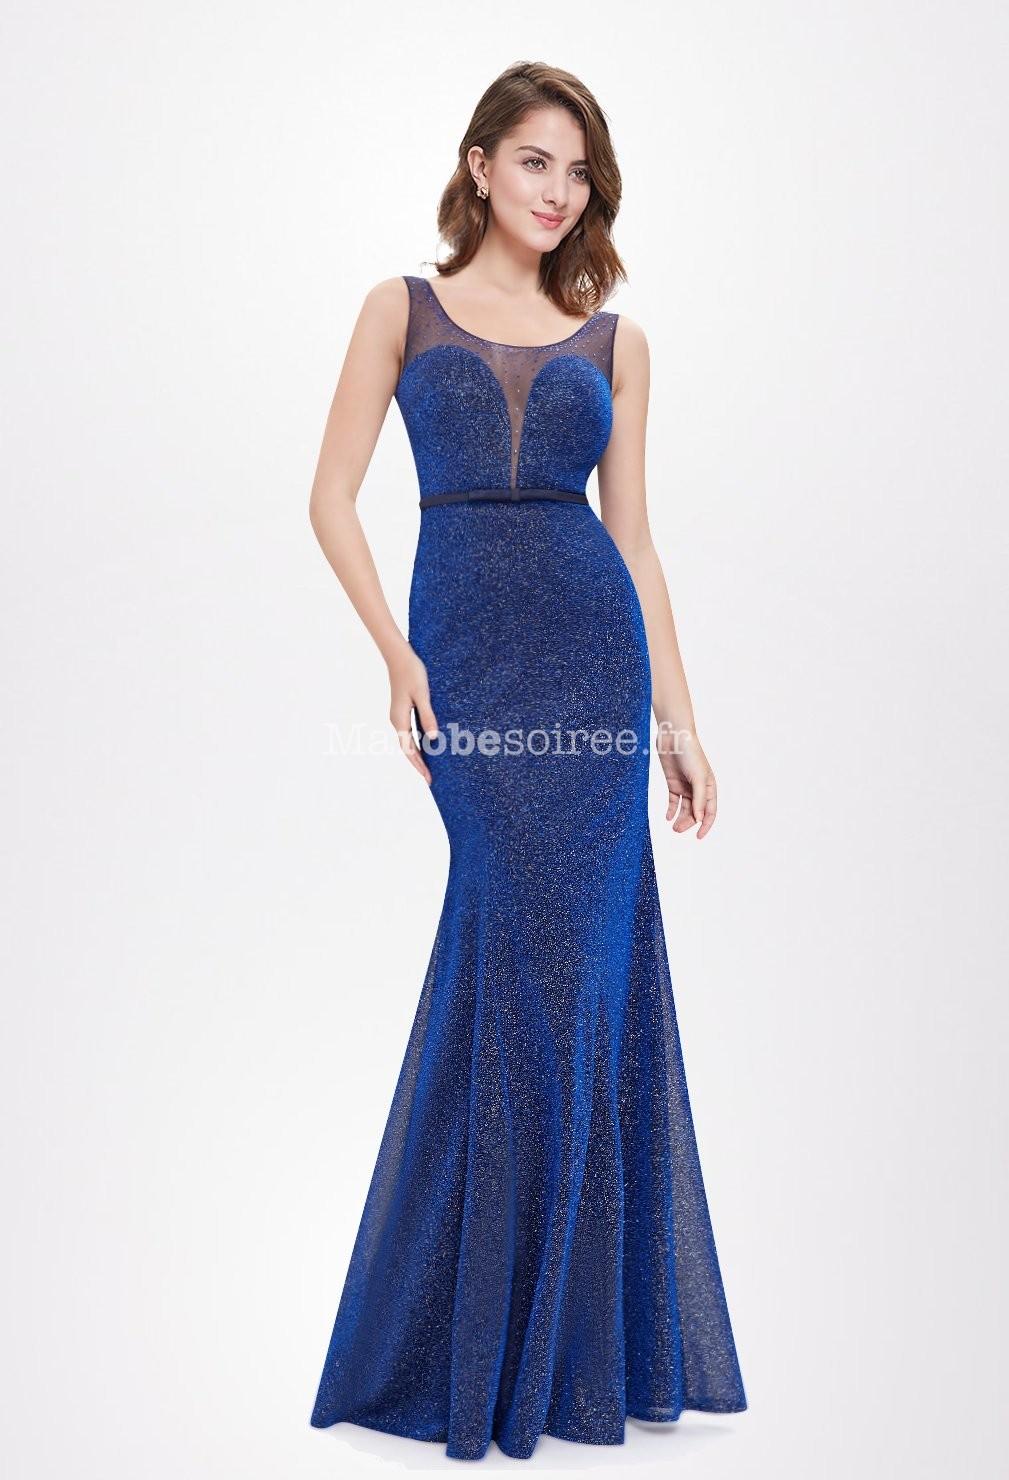 Rrobe de bal bleue sir ne bretelles en voile for Robes de bal de plage robe de bal